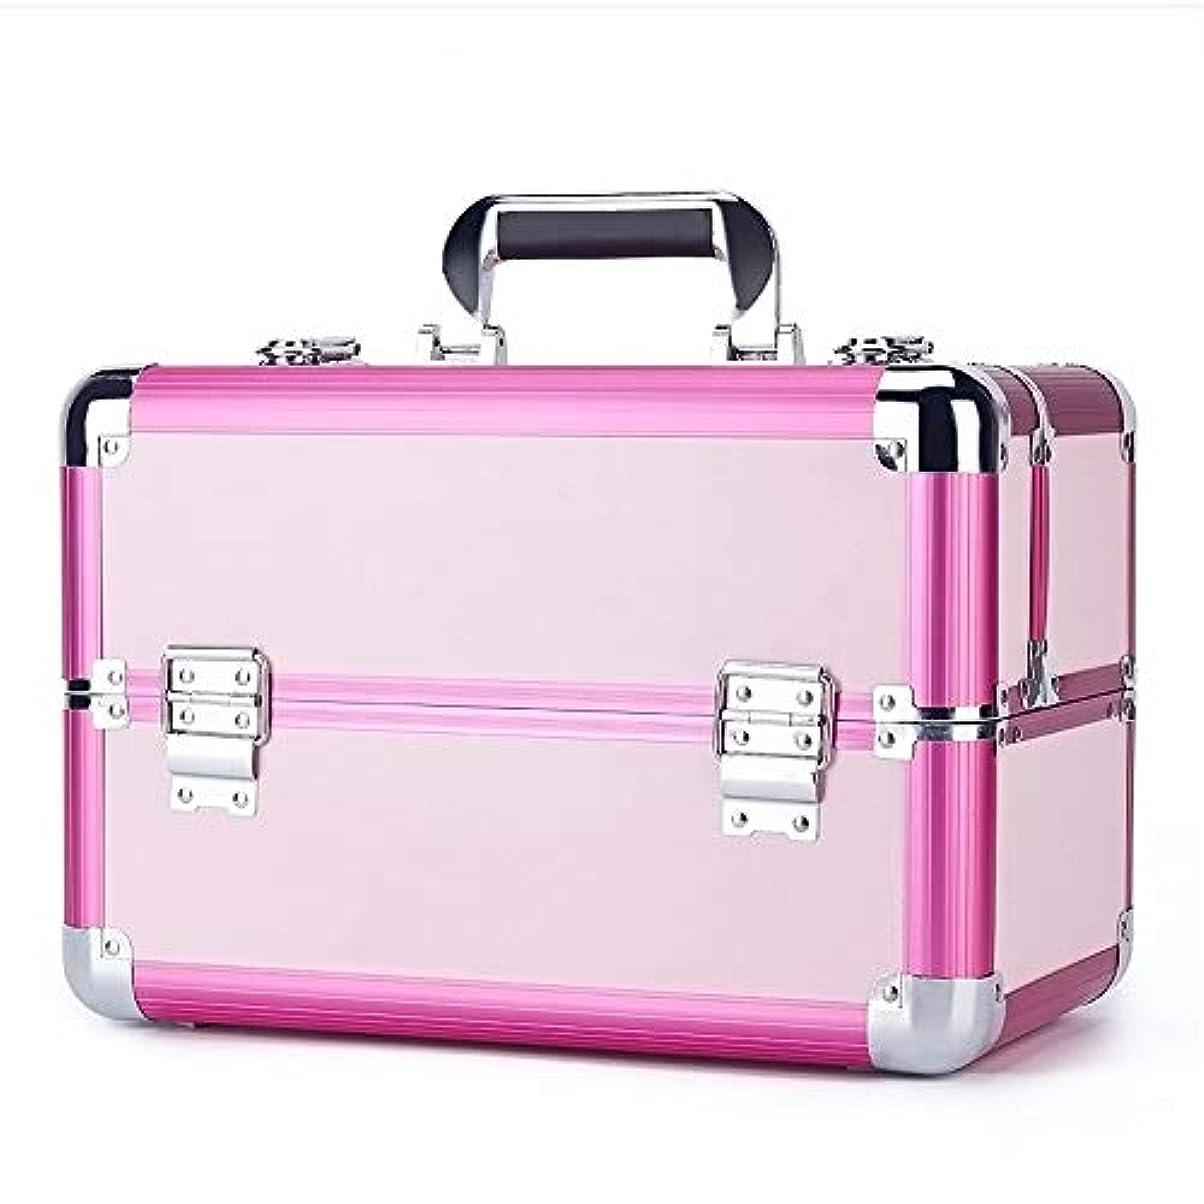 議題ロック解除刈り取る化粧オーガナイザーバッグ 旅行メイクアップバッグパターンメイクアップアーティストケーストレインボックス化粧品オーガナイザー収納用十代の女の子女性アーティスト 化粧品ケース (色 : ピンク)